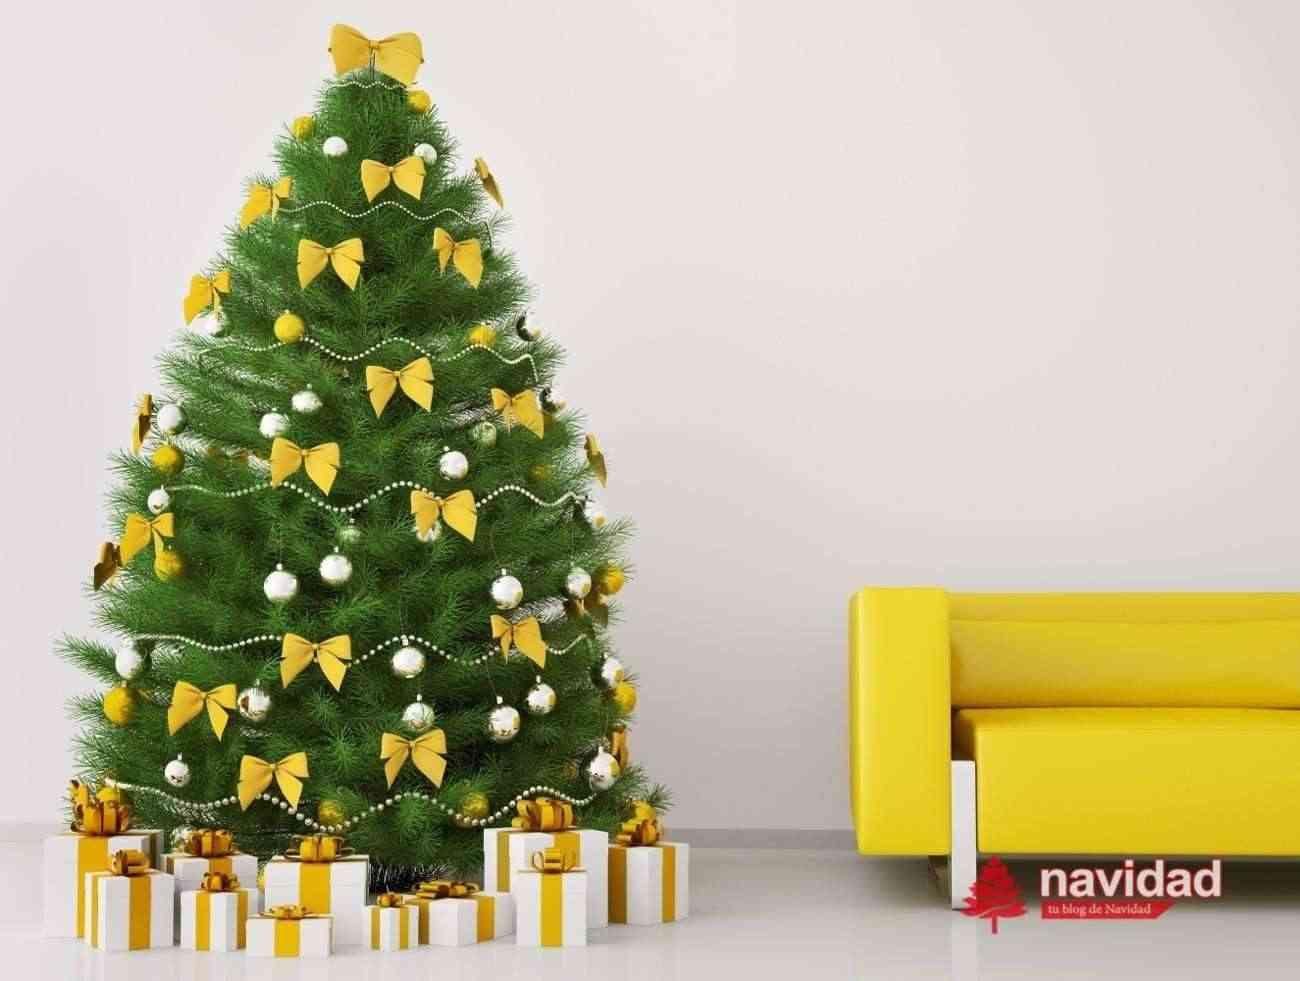 NAVIDAD - arbol de navidad amarillo - dp